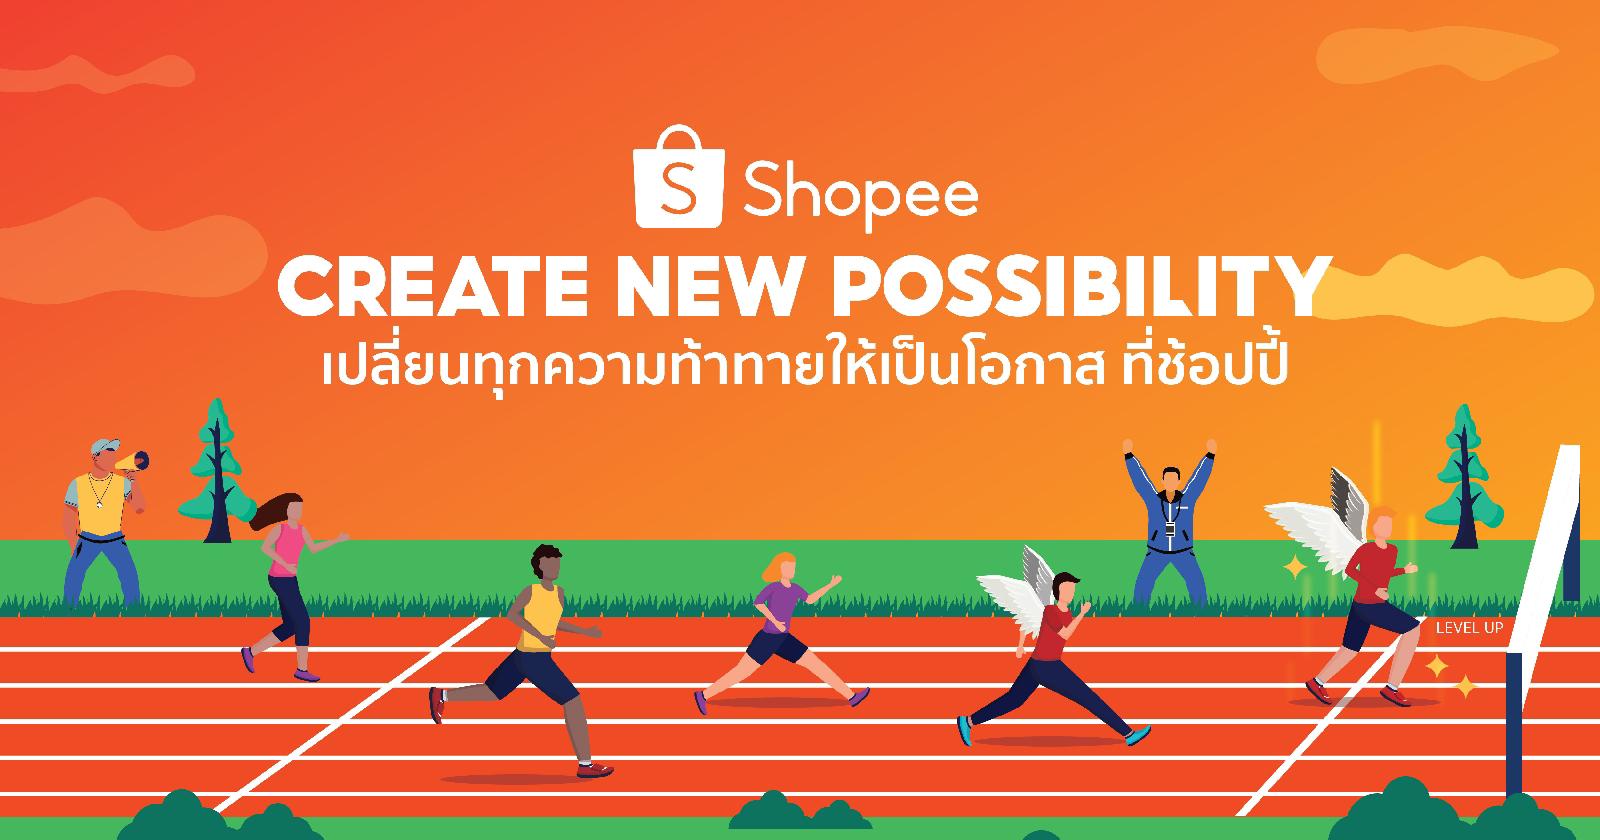 """Shopee เปิดประตูโอกาสให้คนไทยสู่อาชีพนักขายออนไลน์พร้อมกระตุ้นตลาดกับแคมเปญ """"ทุกวันที่ 15 Mid Month Sale"""" ลดแรงกลางเดือน"""